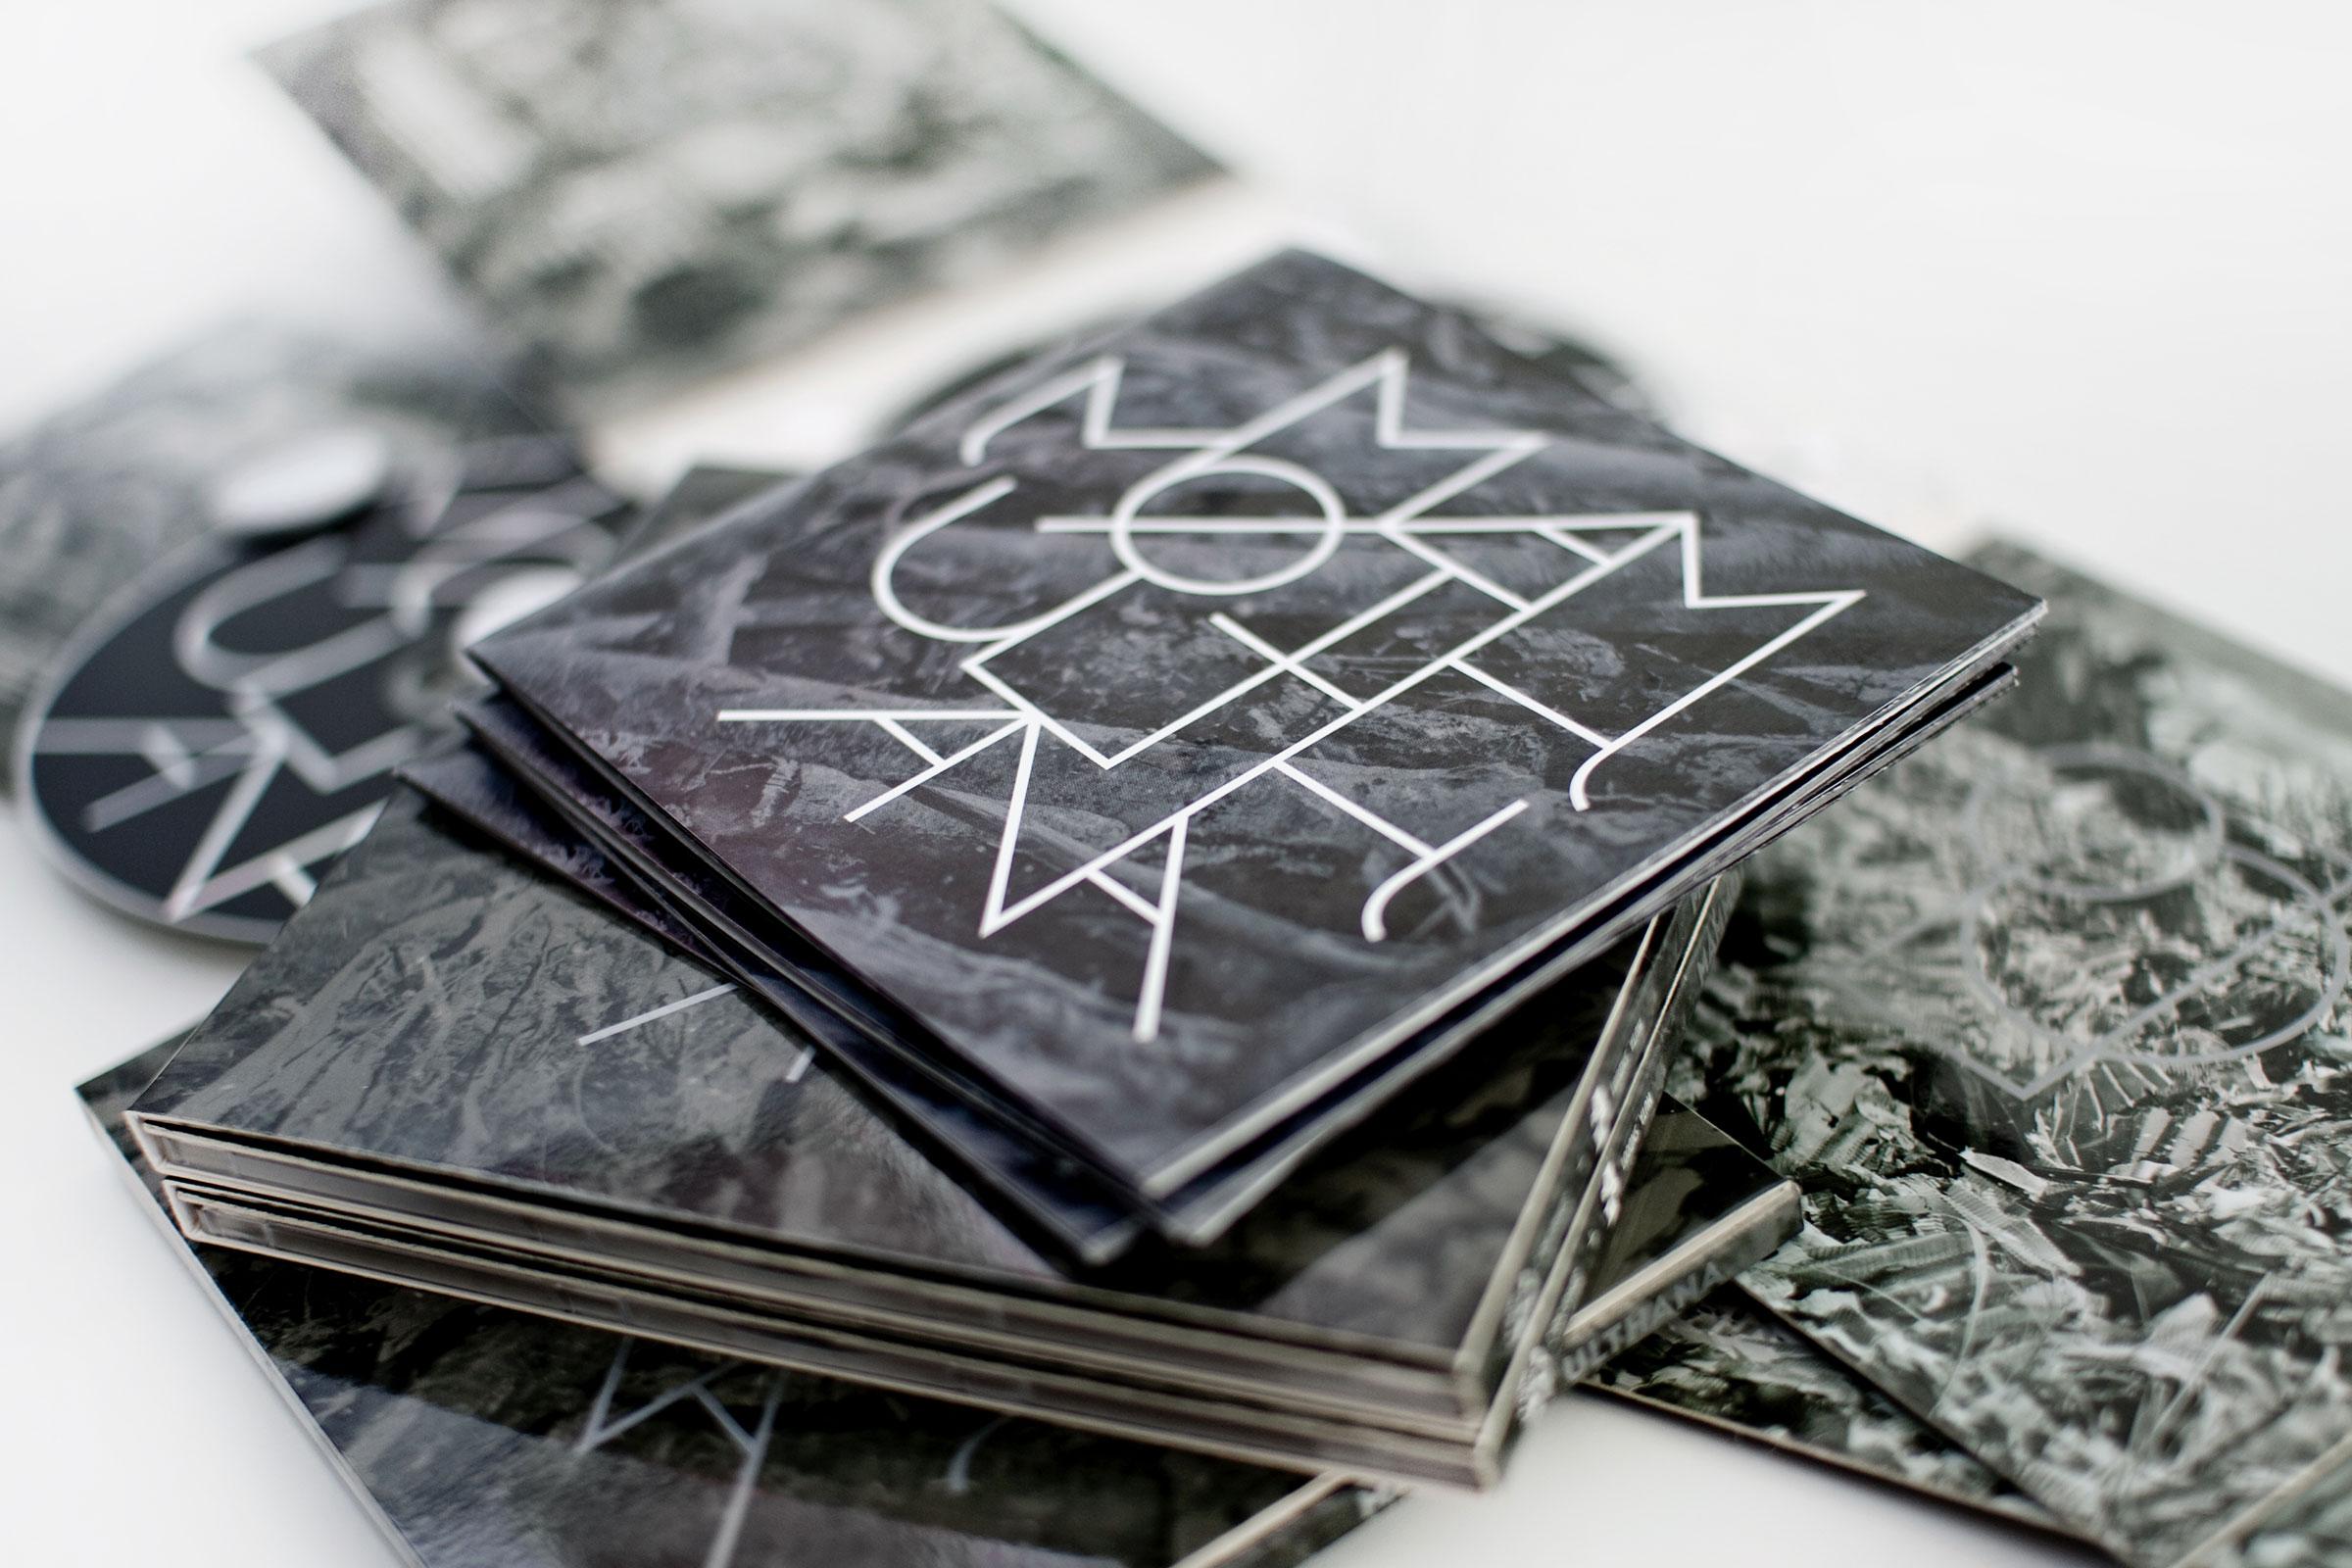 Jacek Doroszenko - Mammoth Ulthana CD album, detail 6